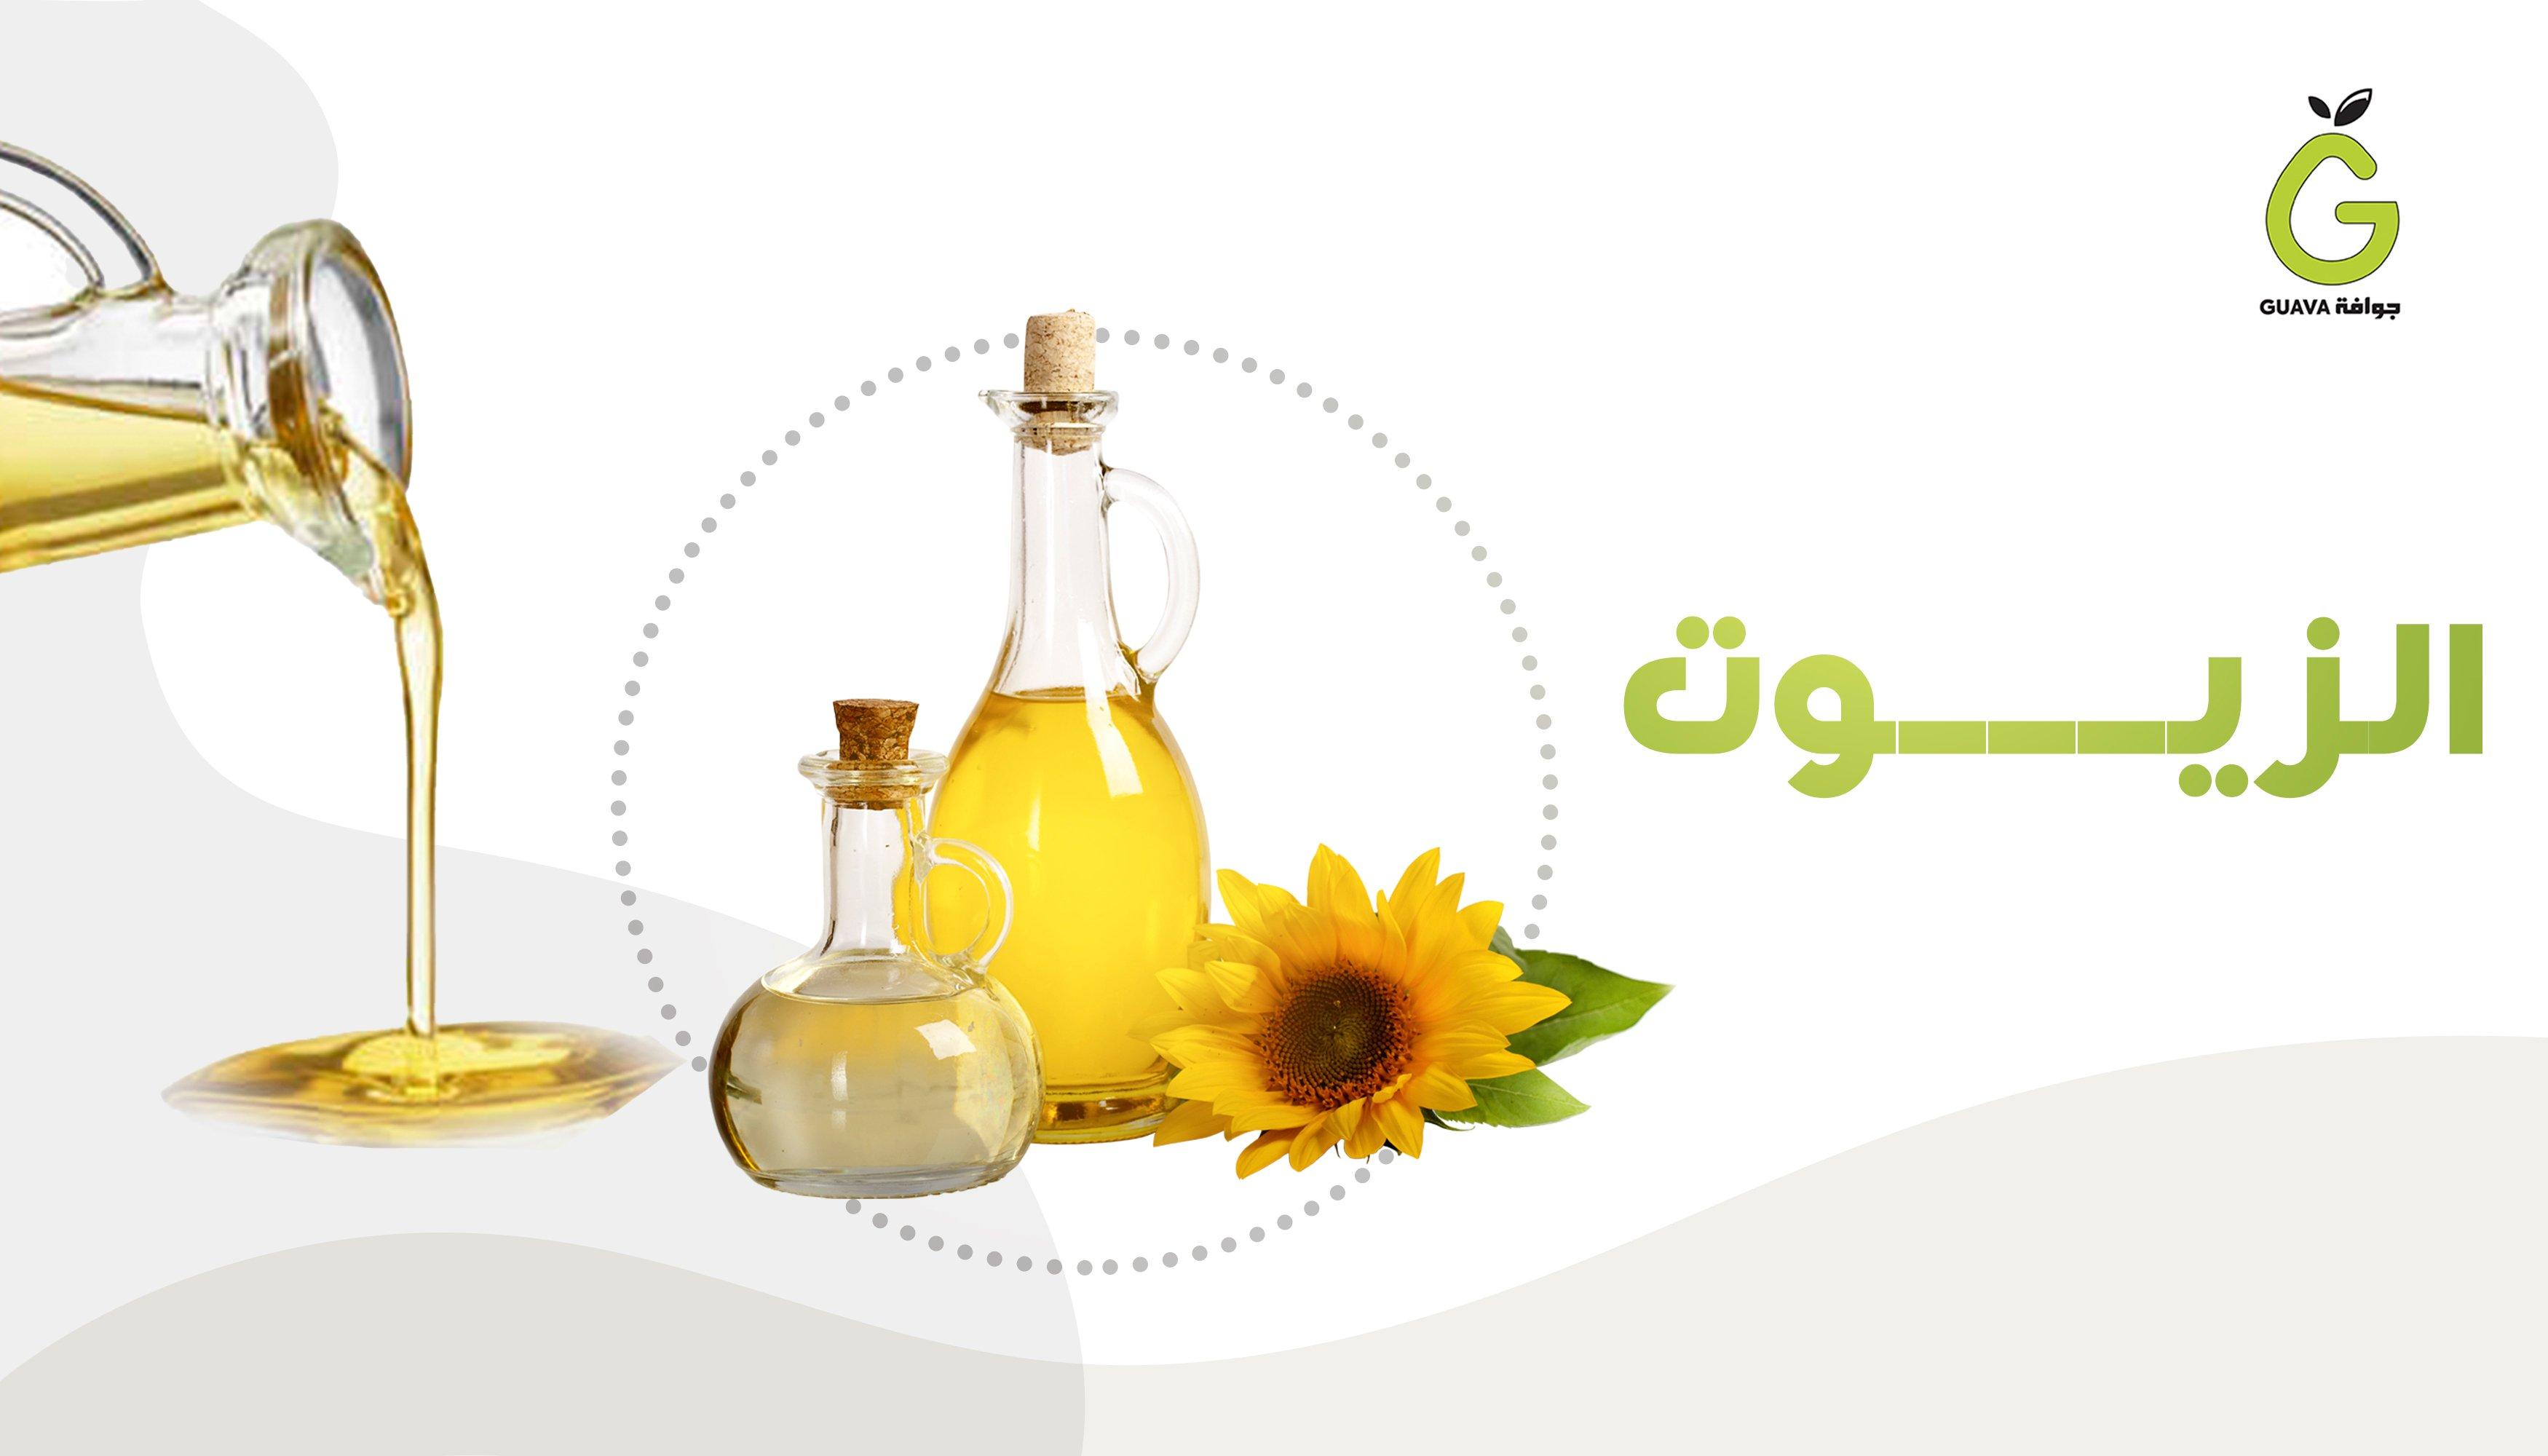 الزيــــوت oil and vingar